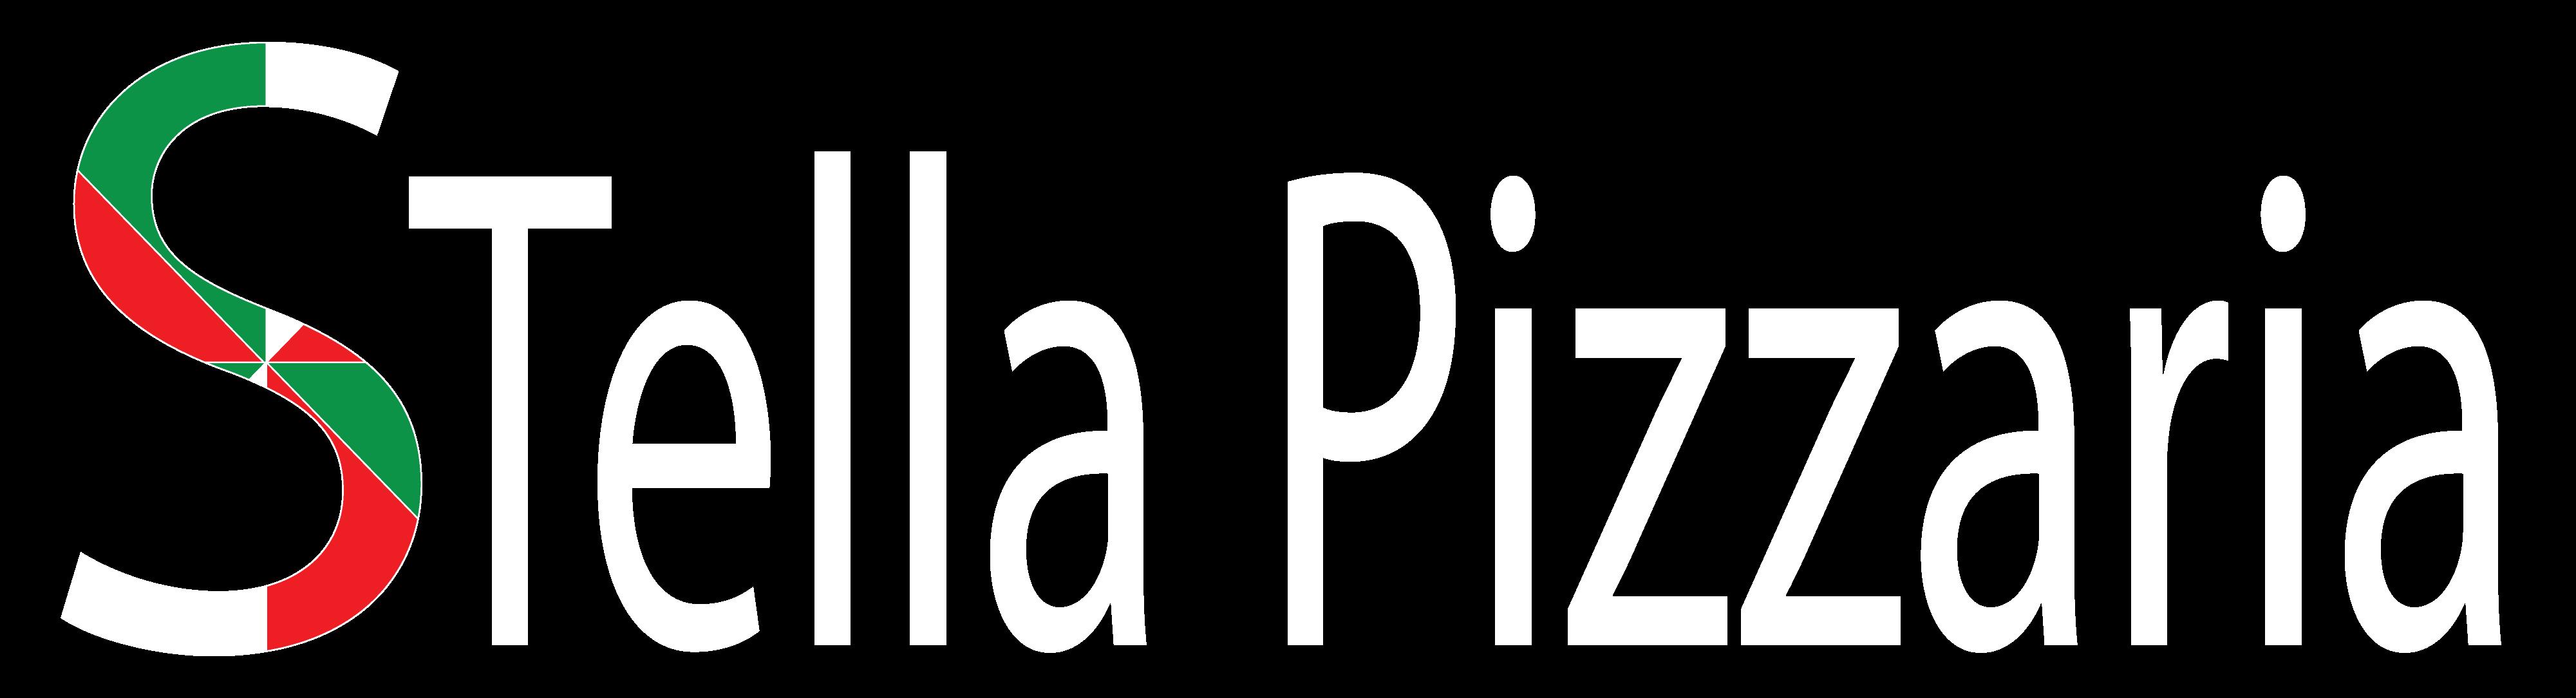 stella pizzeria gråsten